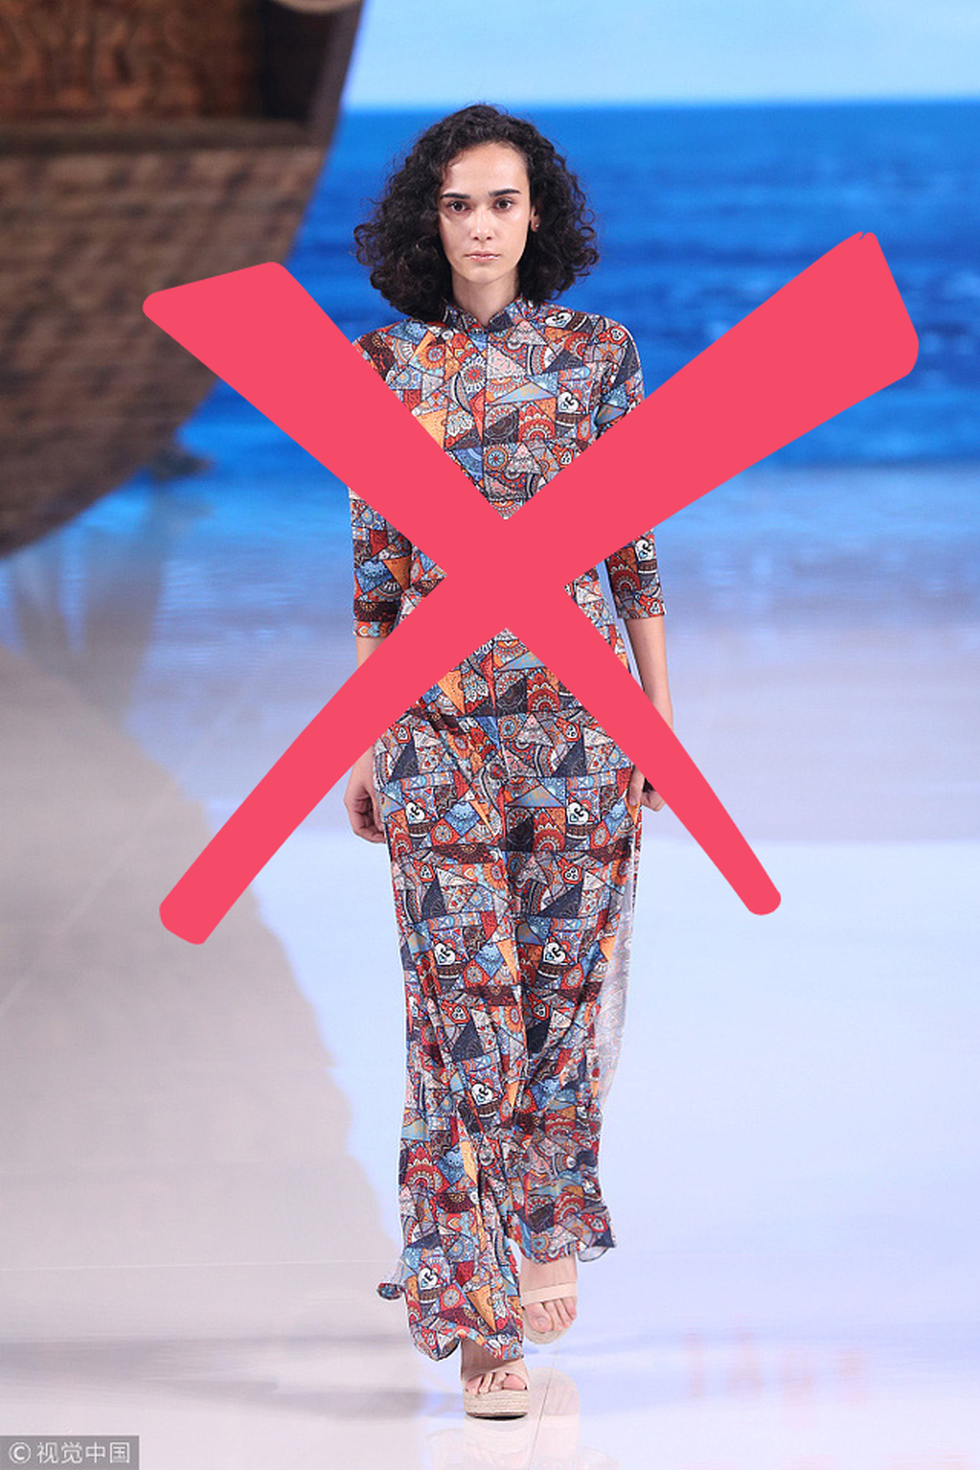 Nhà thiết kế Trung Quốc từng xài mẫu áo dài Việt, giờ nói về phẩm giá trang phục Trung Quốc - Ảnh 4.